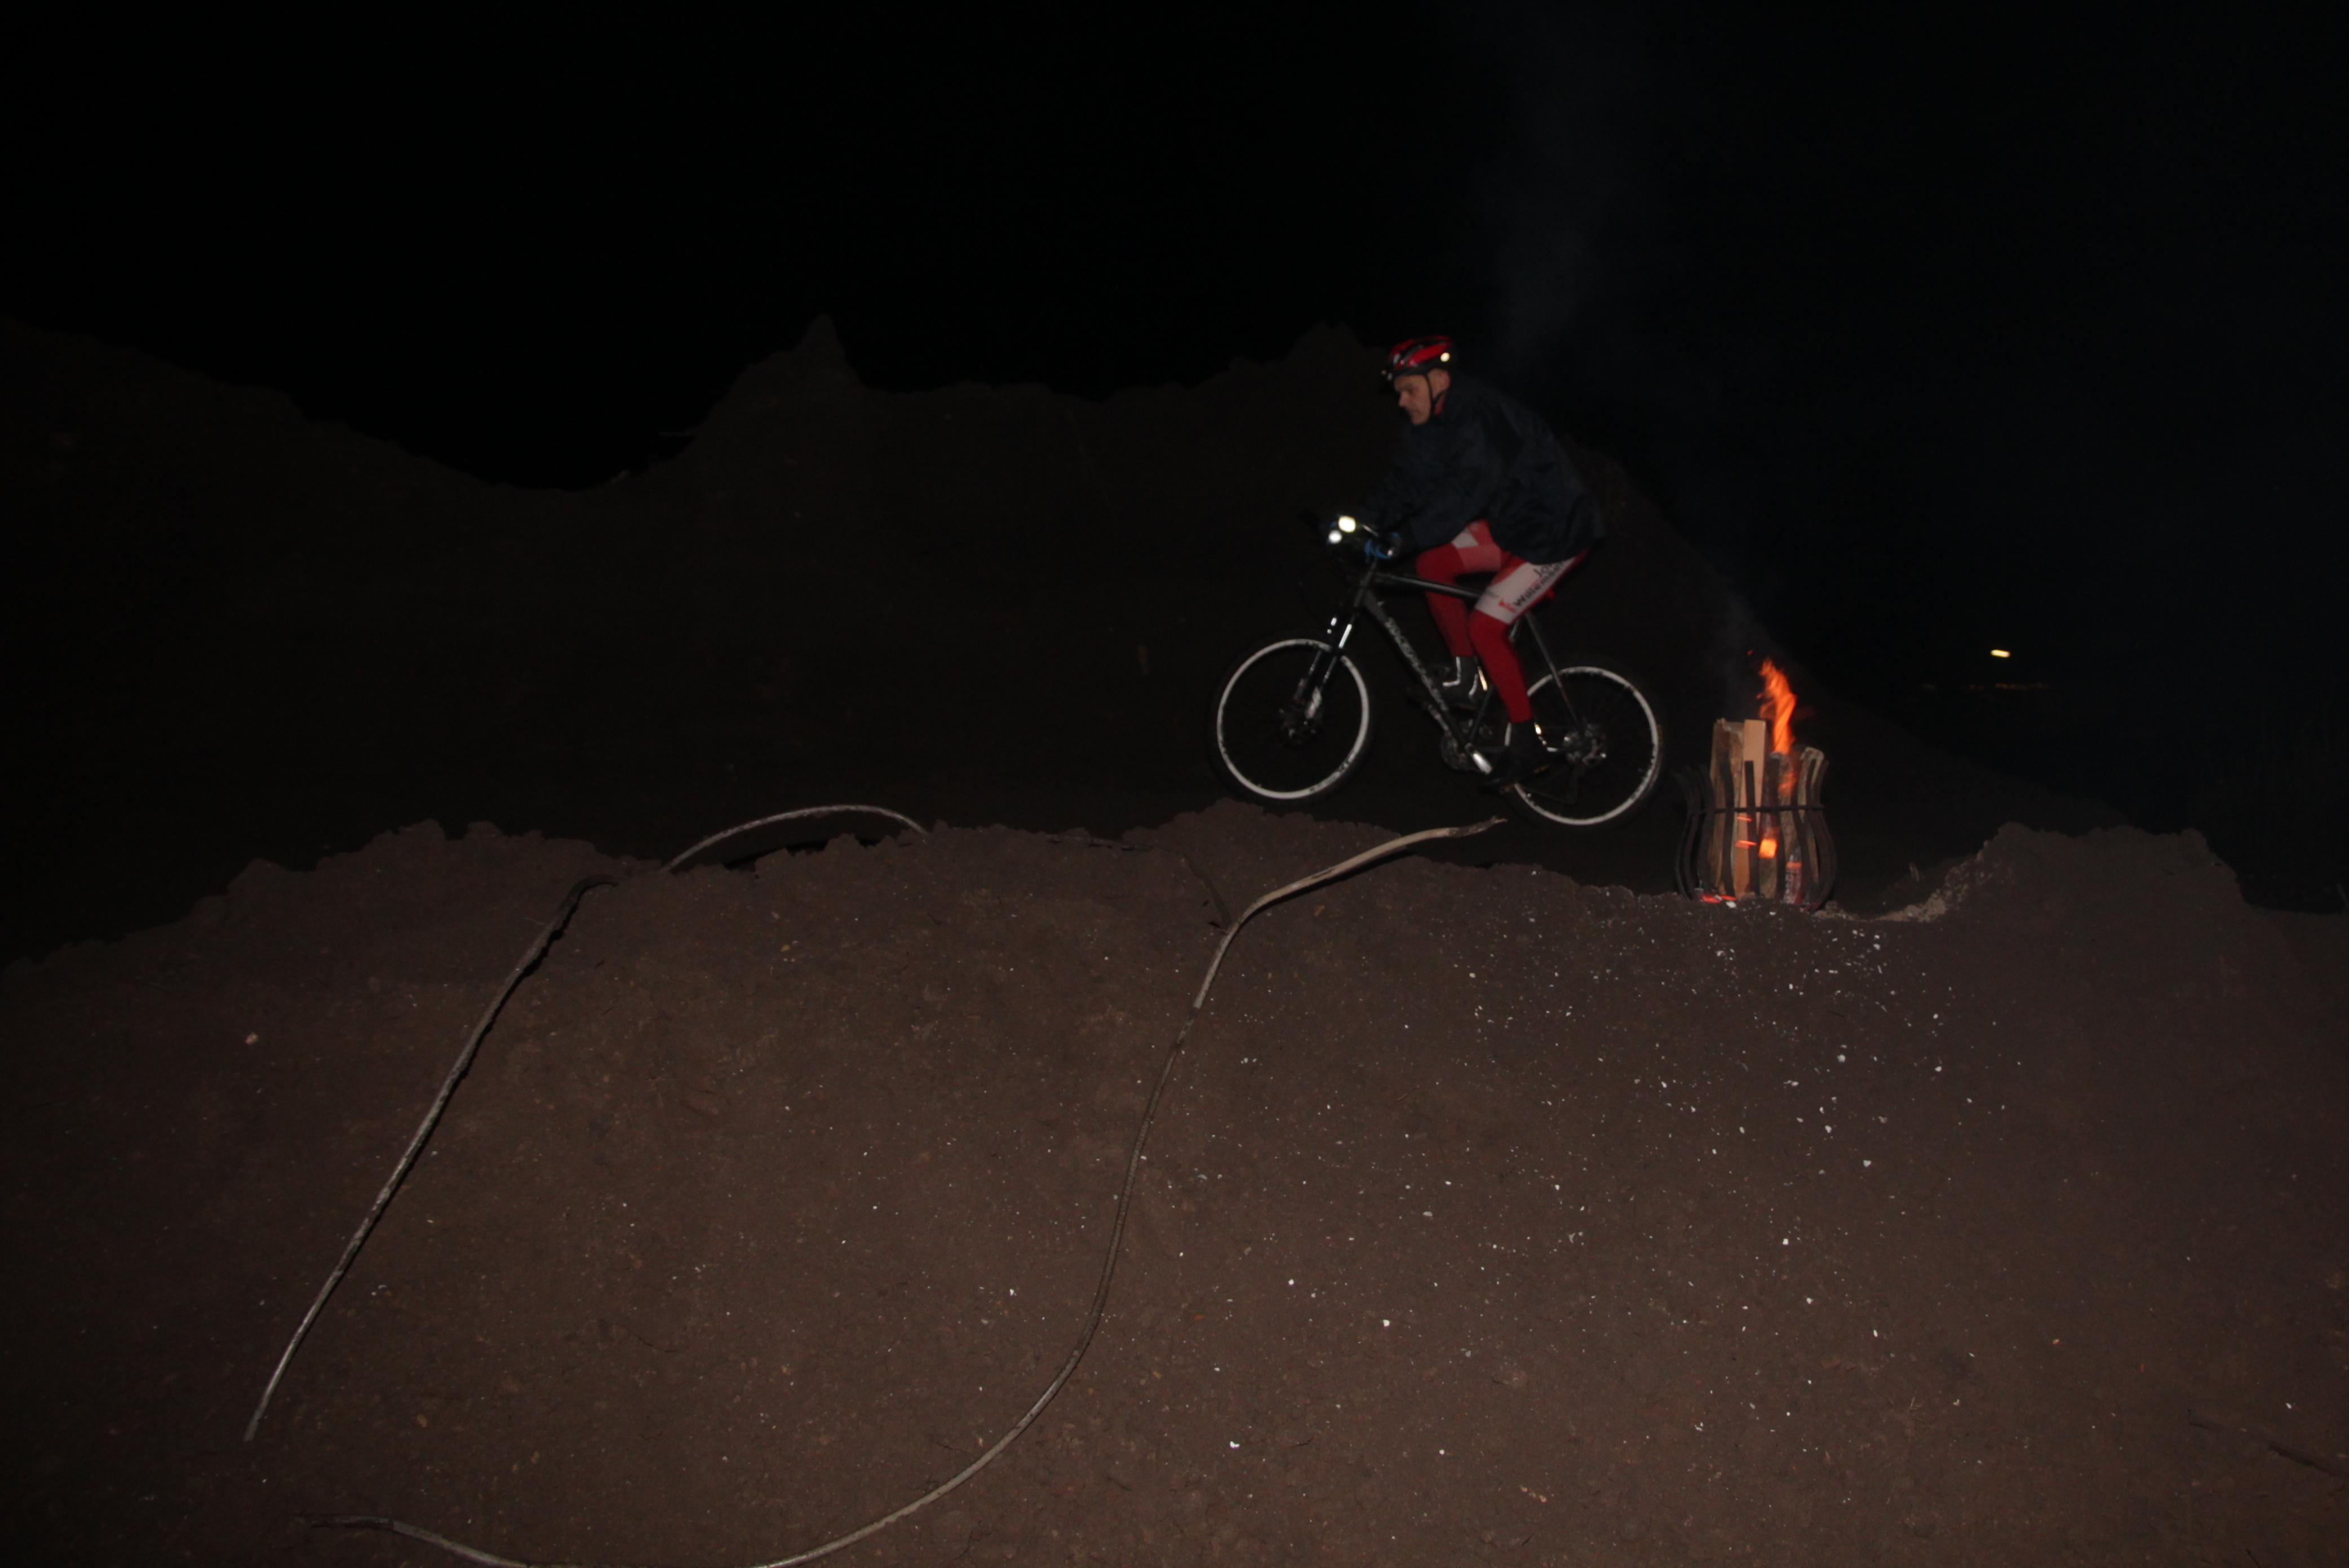 Nightbike-Méél-by-Night.-2017-43